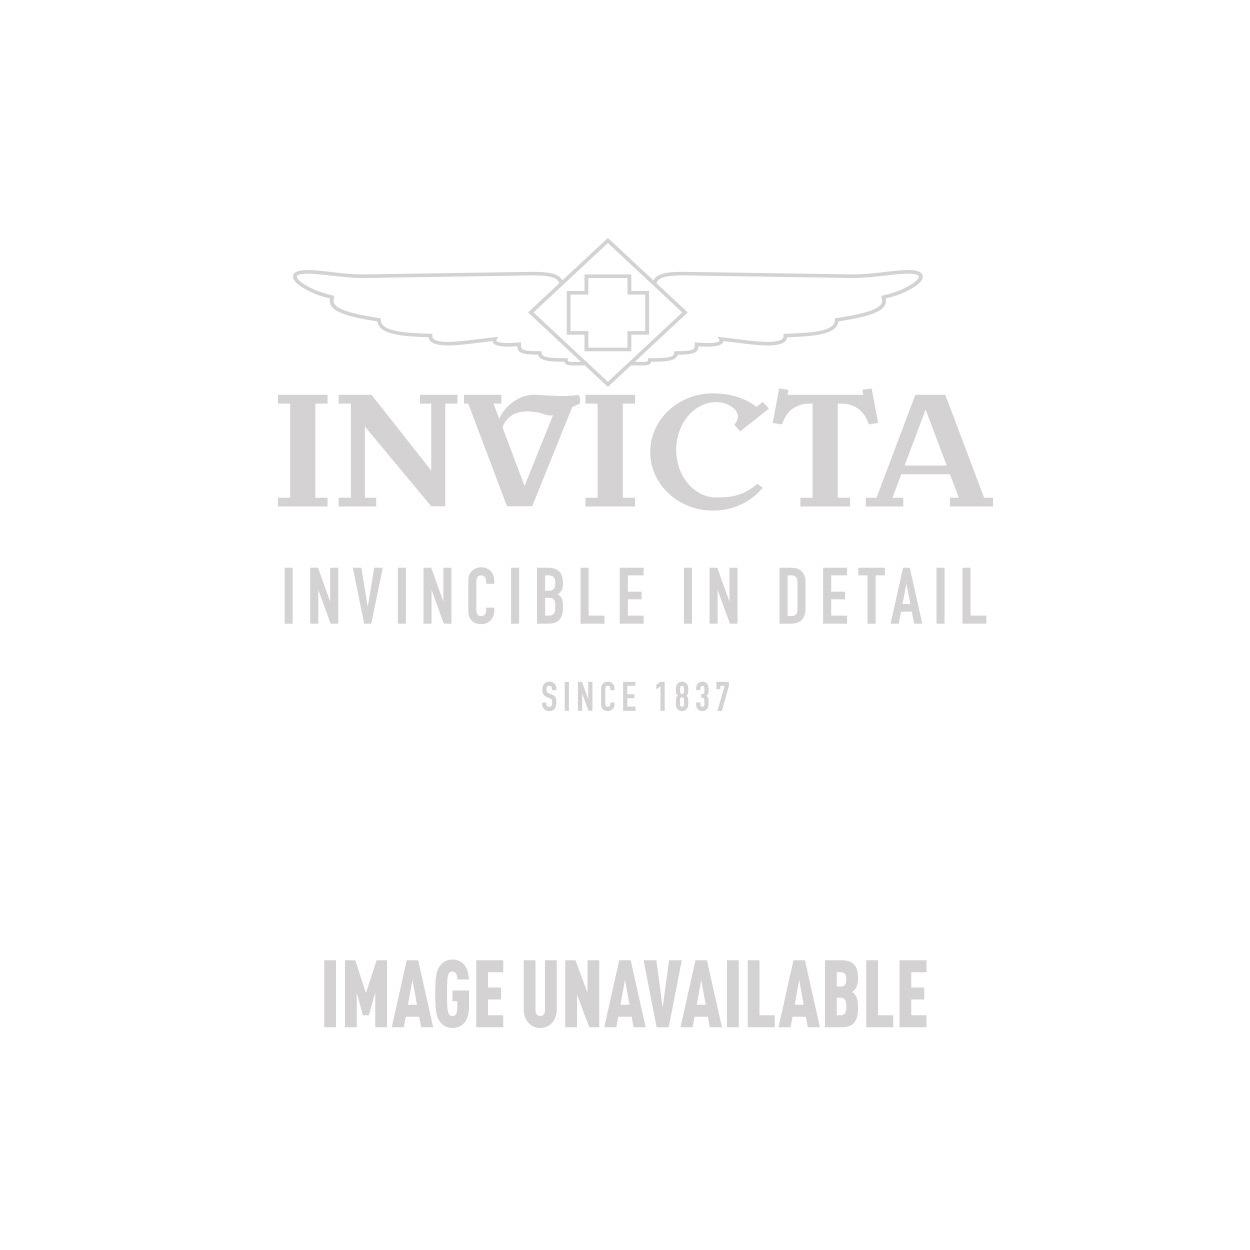 Invicta Model 25000